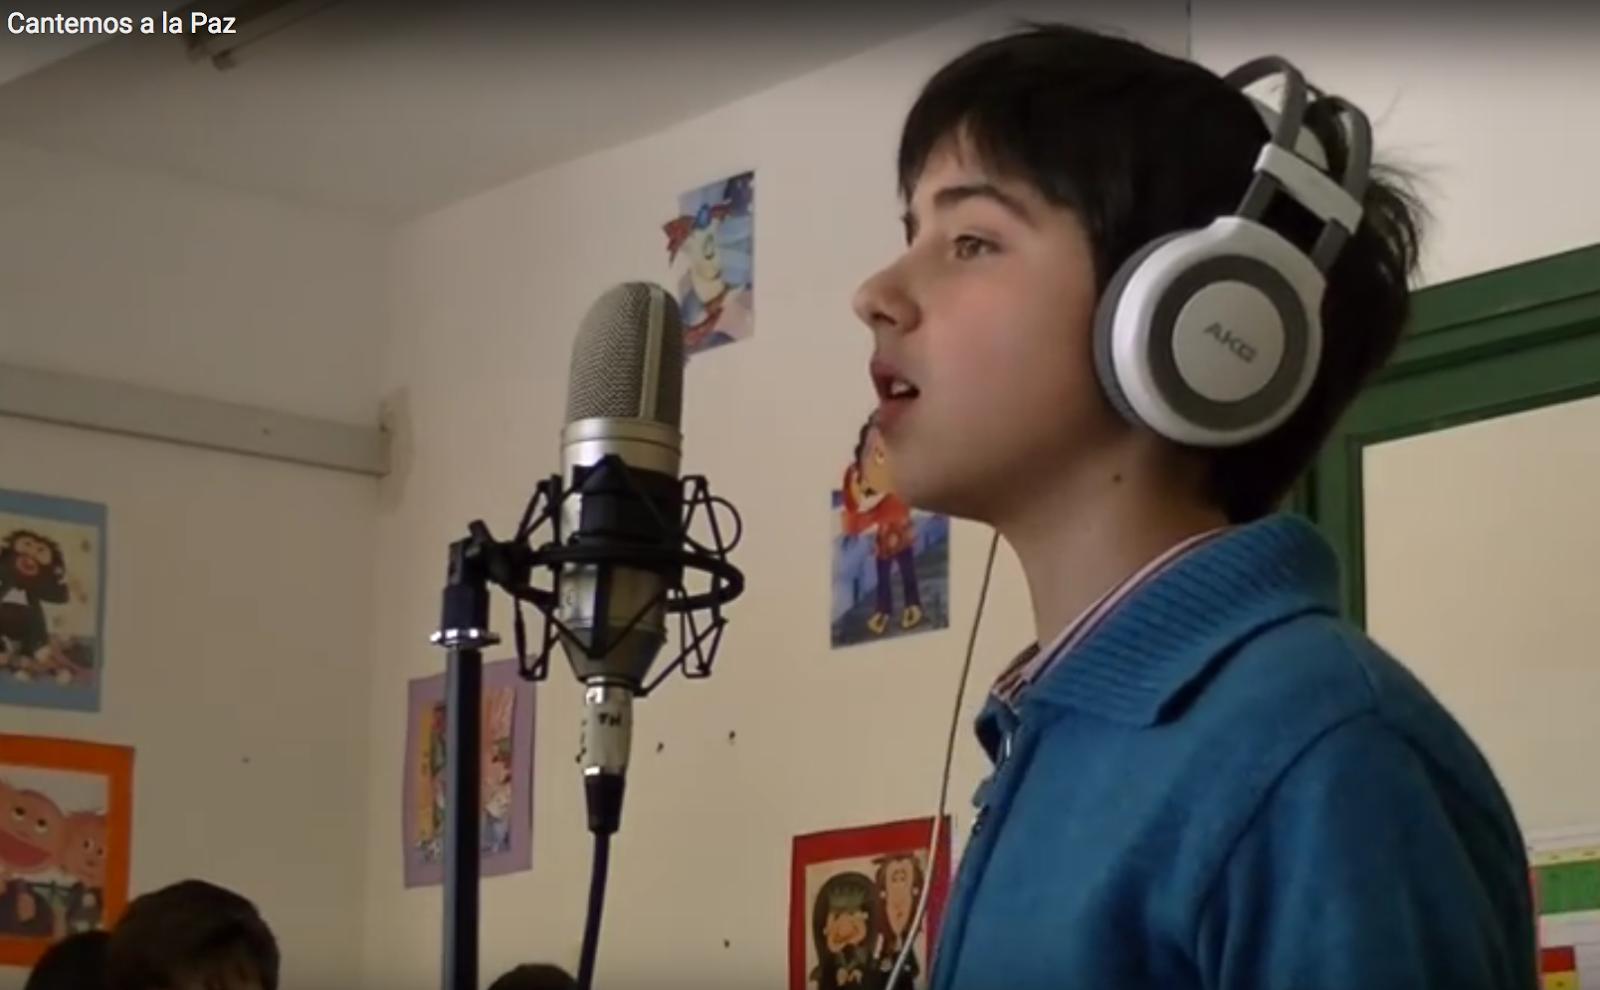 Proyecto Cantemos a la Paz